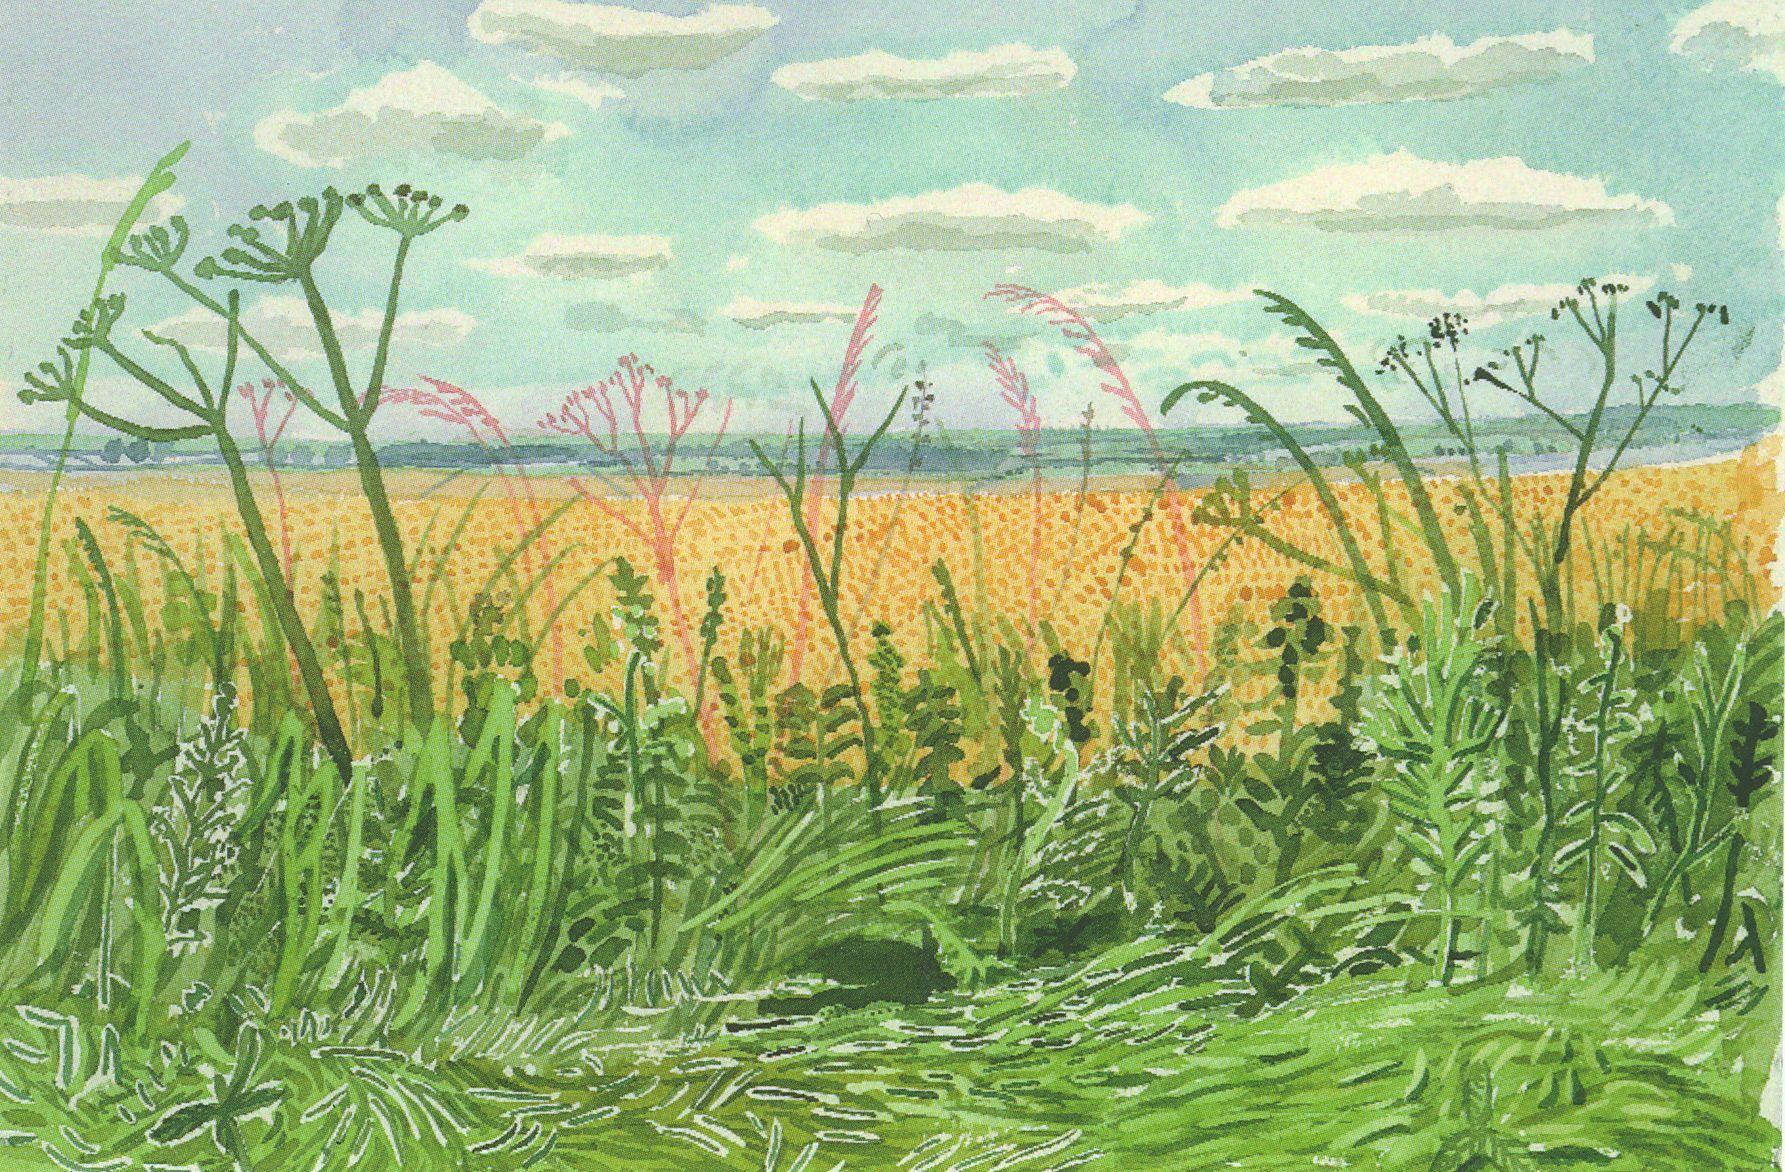 David Hockney S New Exhibition At Salt S Mill David Hockney